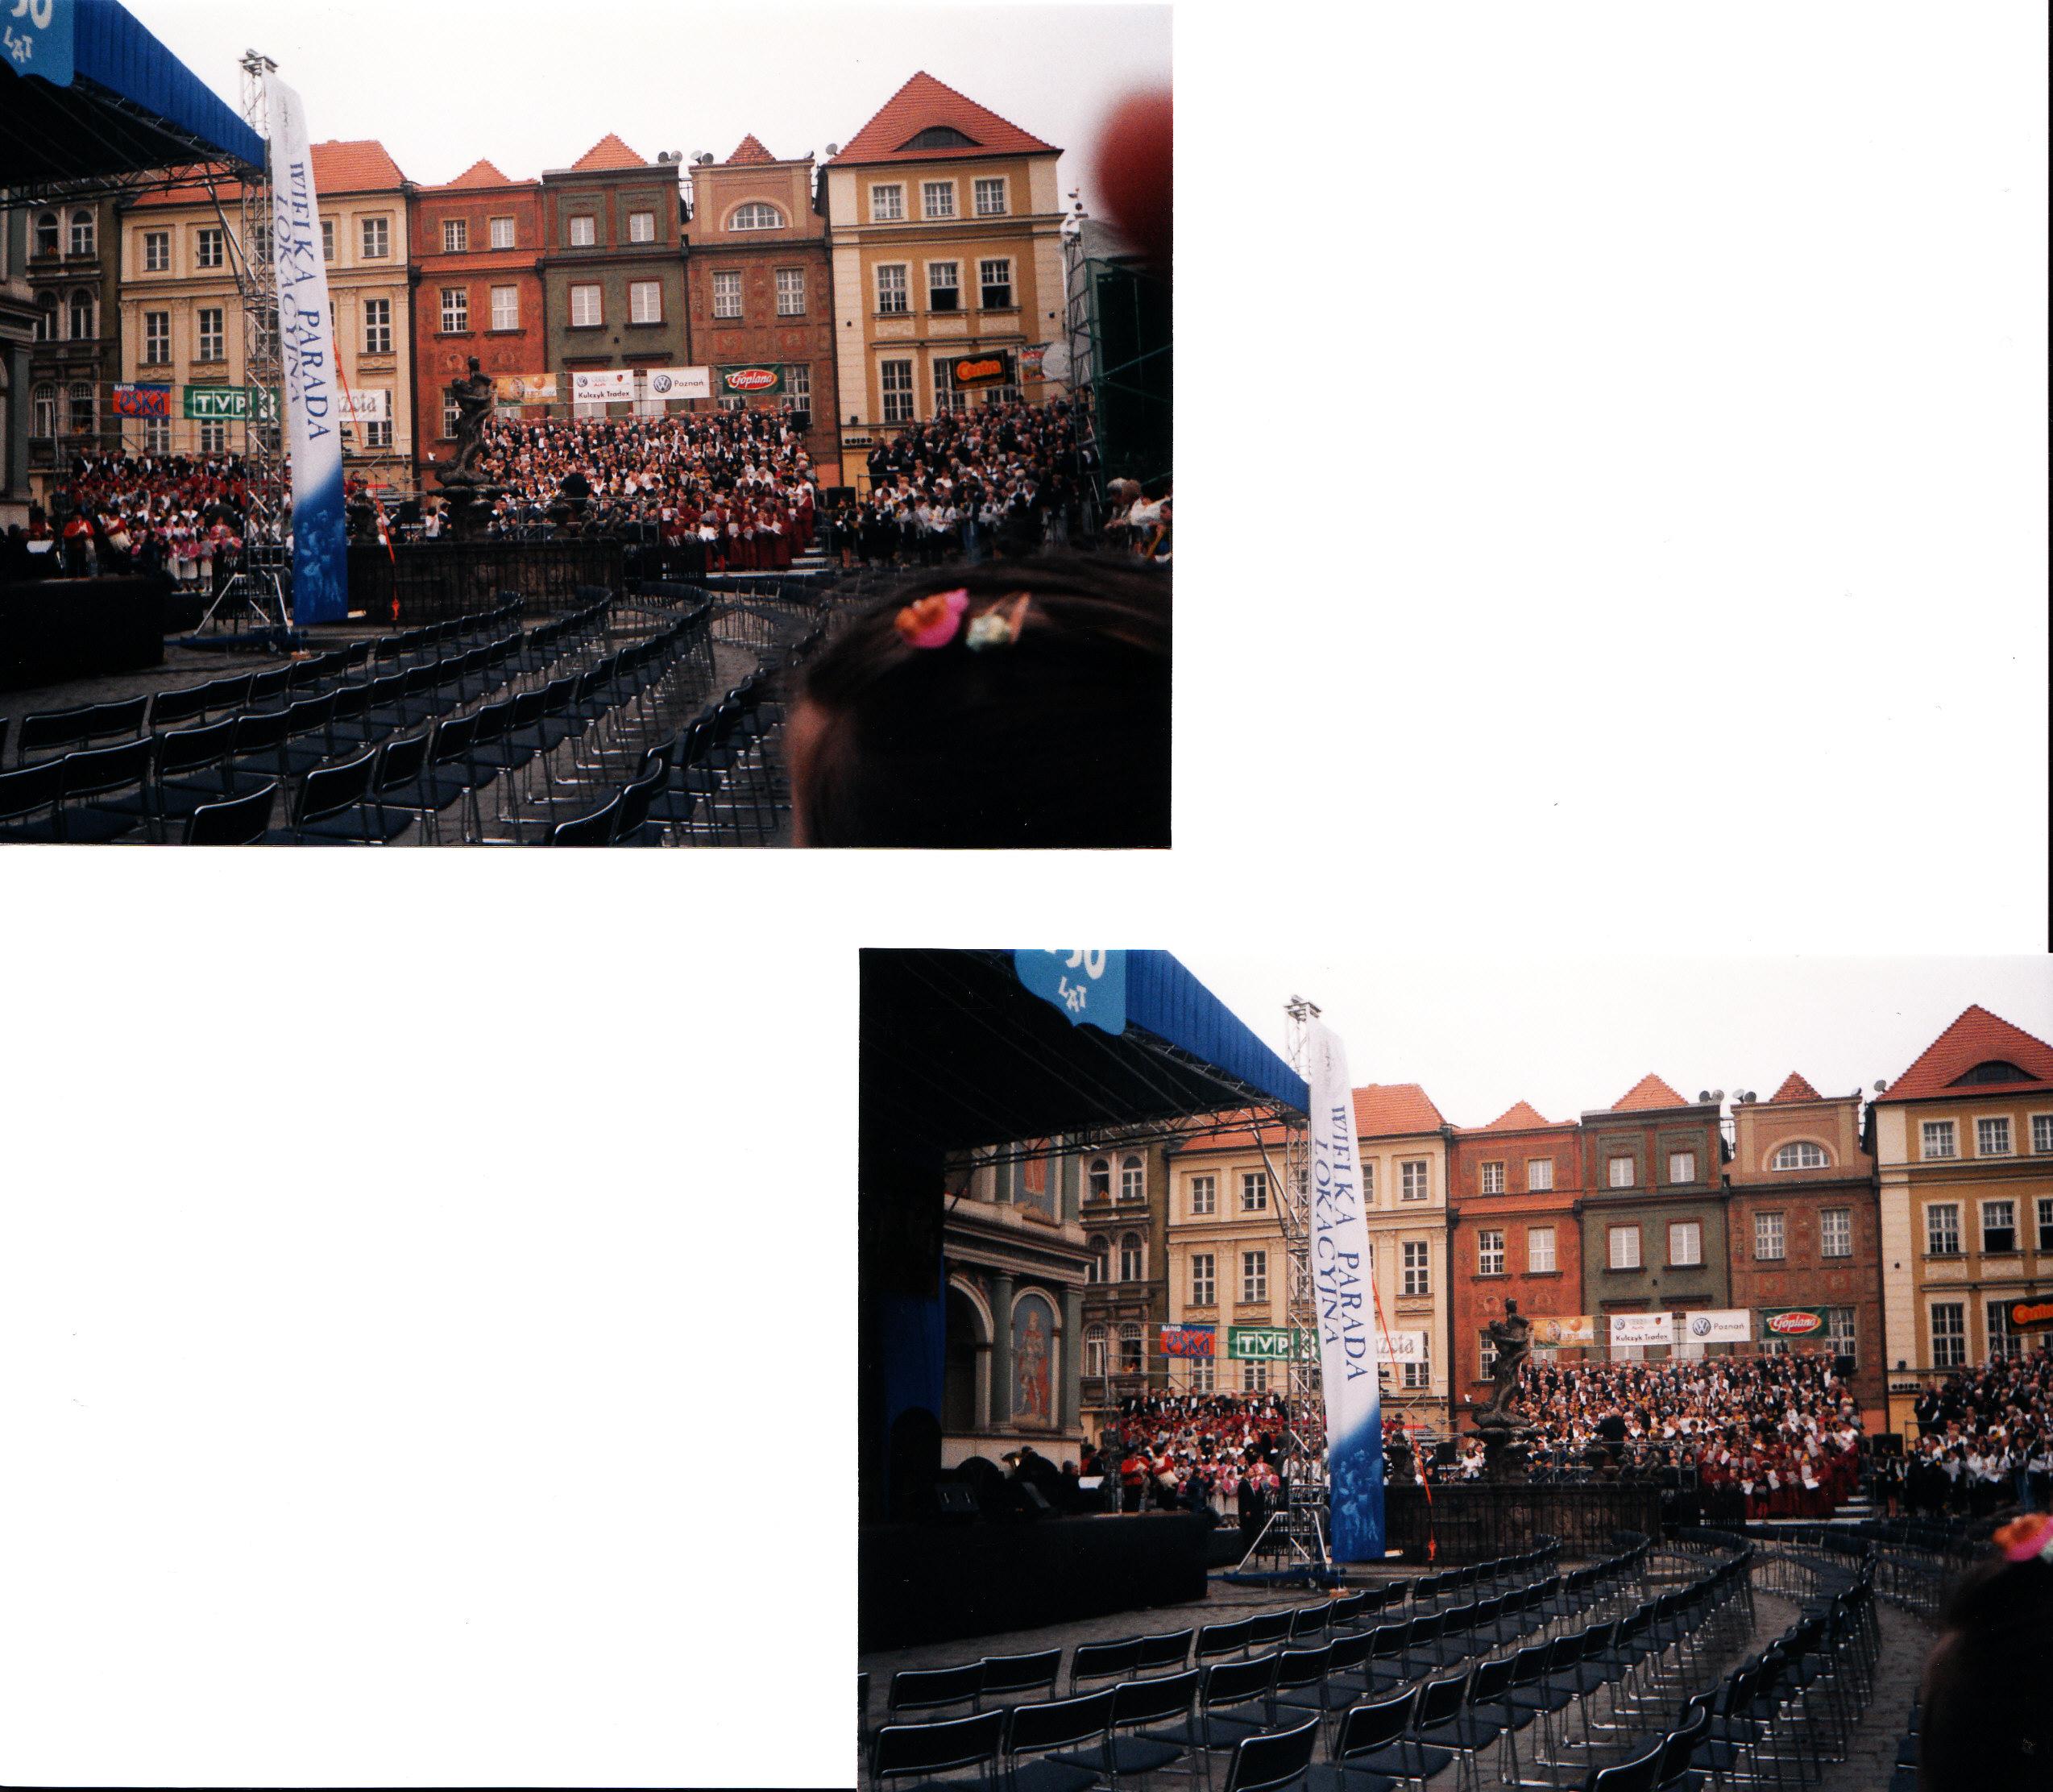 Obchody 750-lecia lokacji miasta Poznania